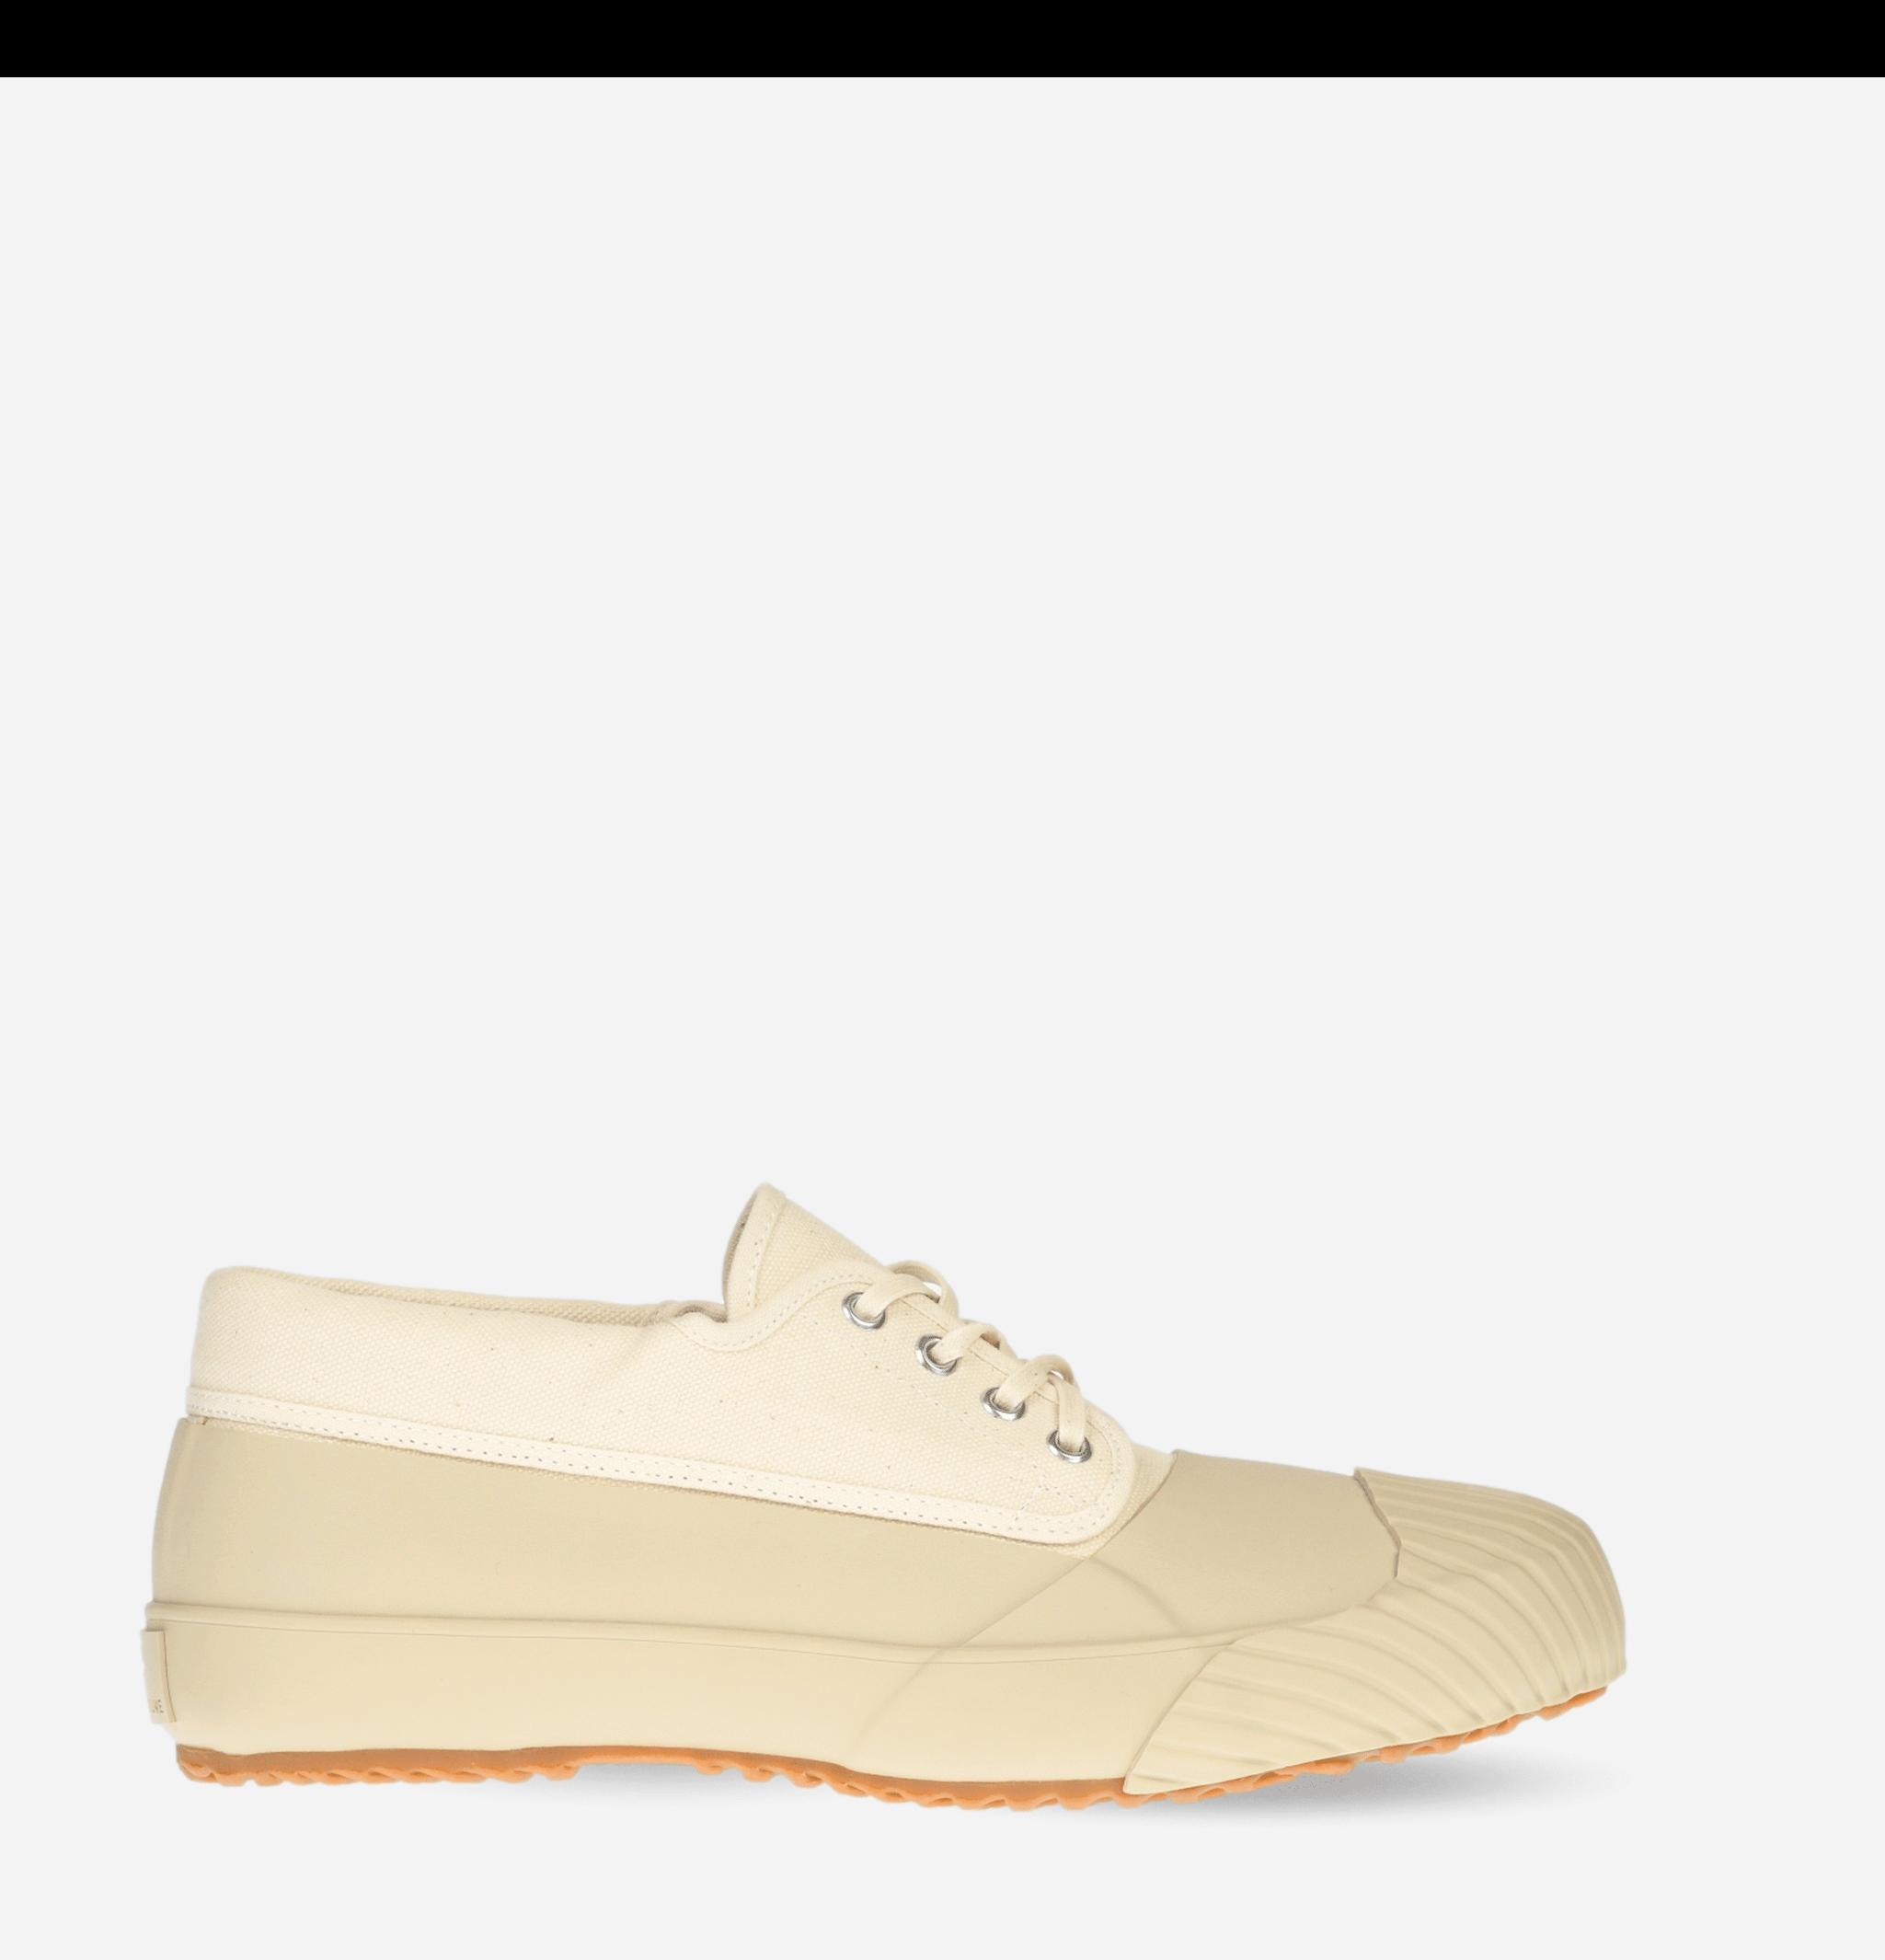 Mudguard Shoes Beige